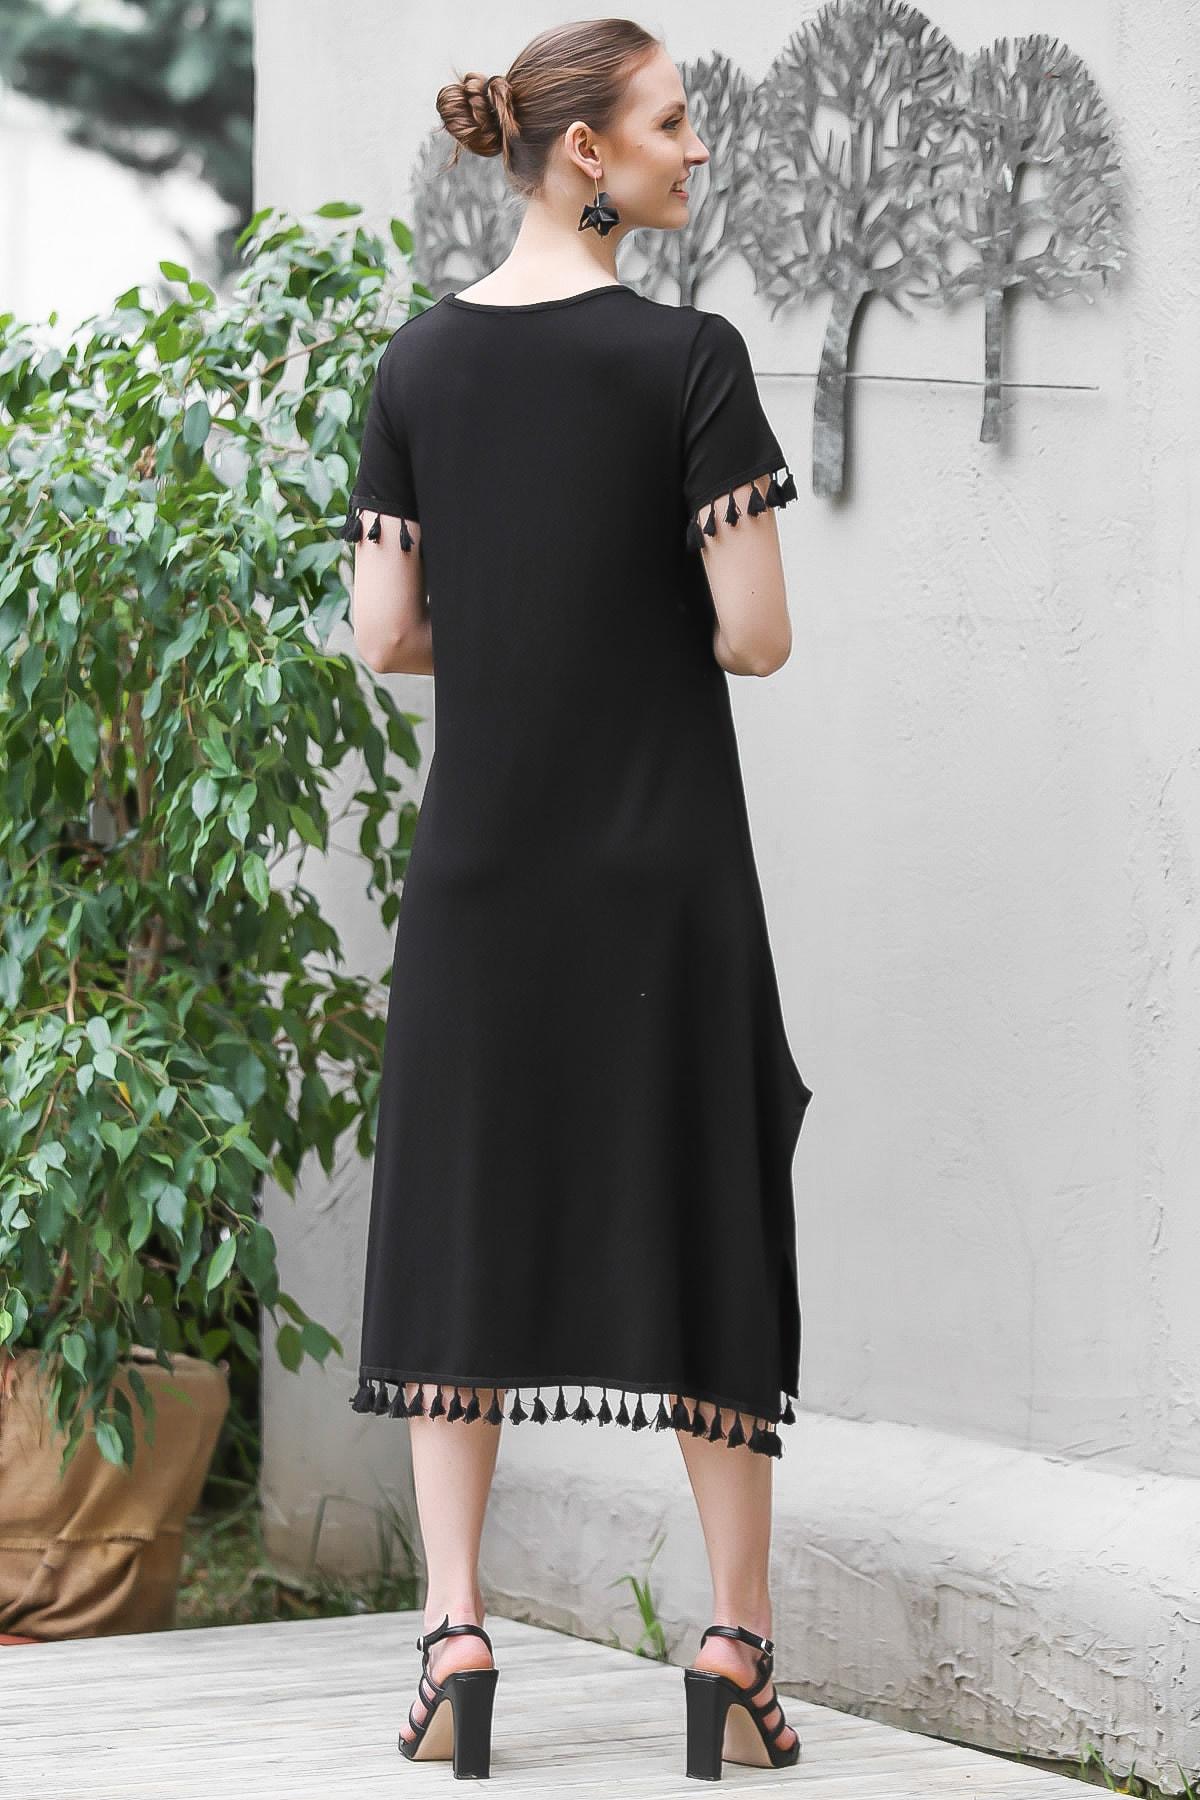 Chiccy Kadın Siyah Sıfır Yaka Kol Ve Etek Ucu Püsküllü Yırtmaçlı Elbise M10160000EL95067 3